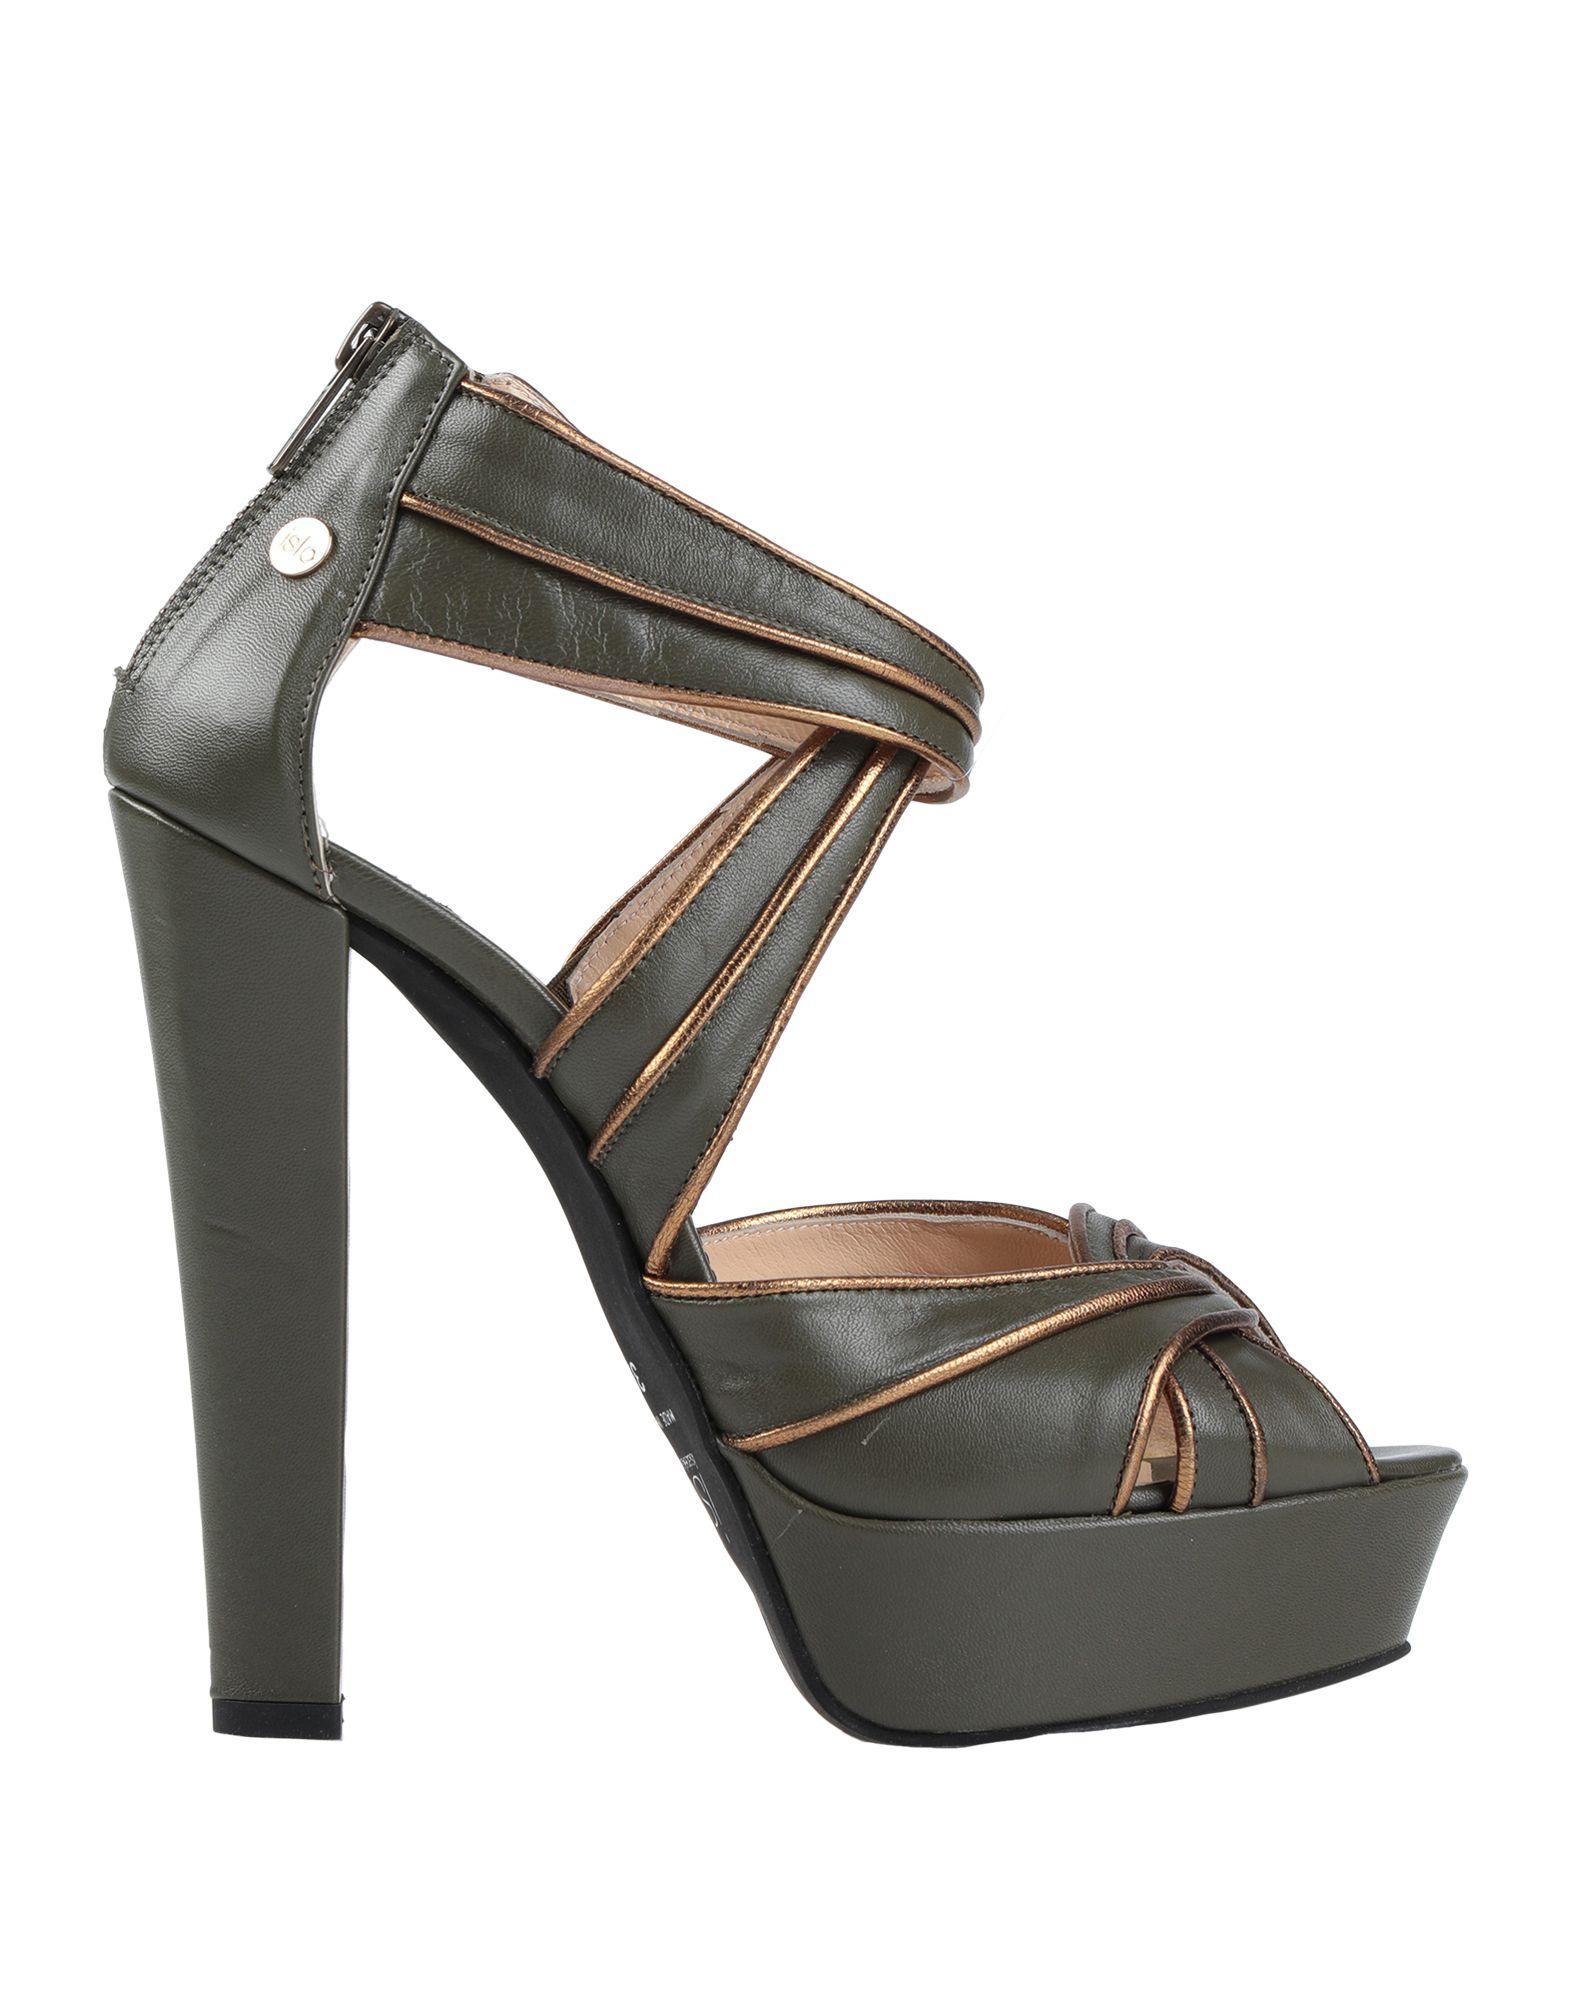 Islo Islo Islo Isabella Lorusso Sandals - Women Islo Isabella Lorusso Sandals online on  United Kingdom - 11533224FC 0e88ca